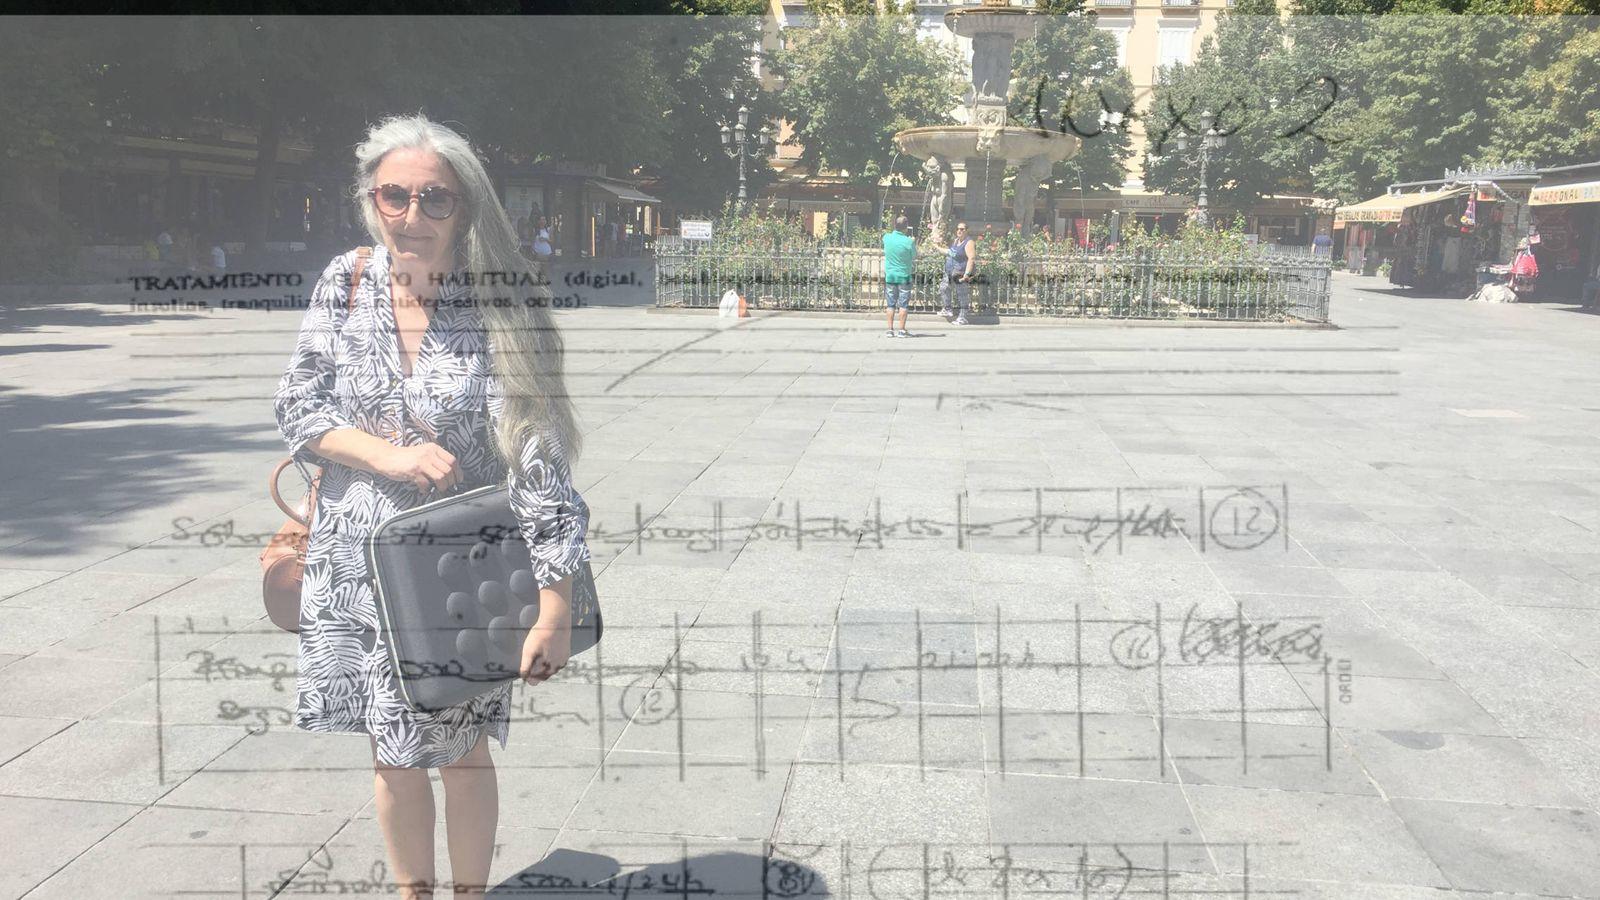 Foto: Pilar Ocón, fotografiada recientemente en Granada. (Montaje: EC)